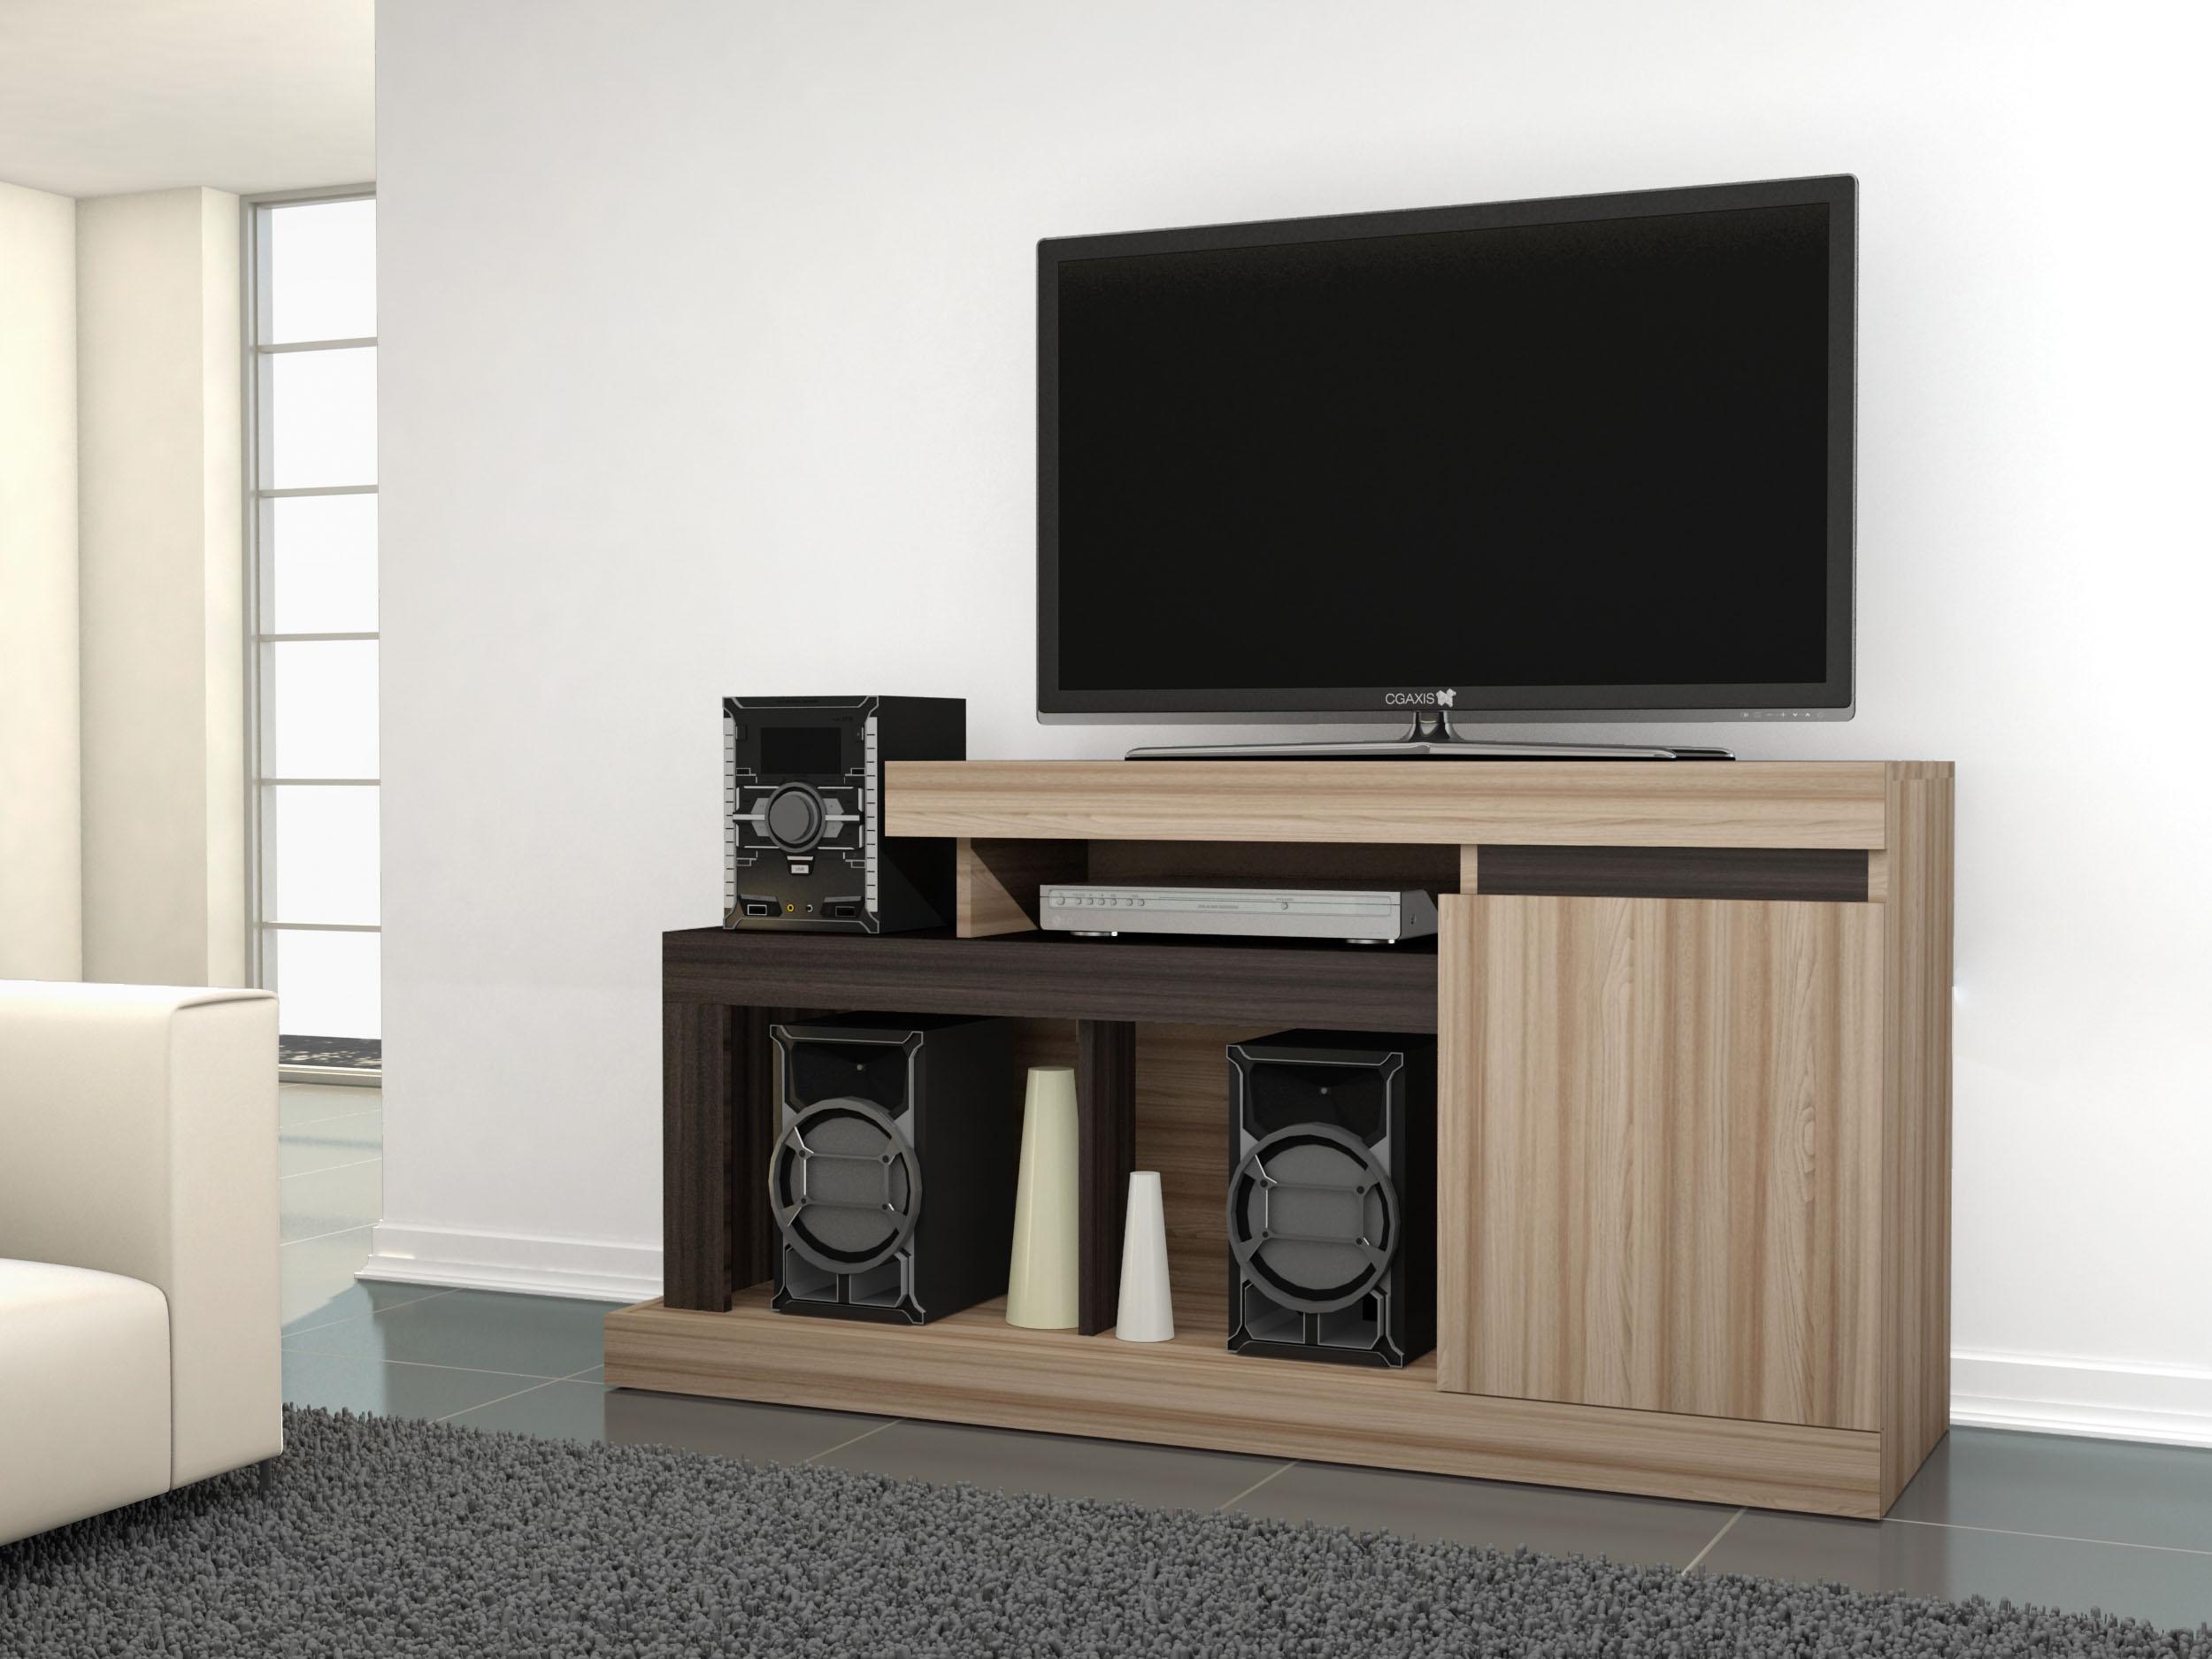 Mueble De Tv Y Equipo De Sonido Tucuri Avellana Capuccino Labnash # Muebles Caemmun